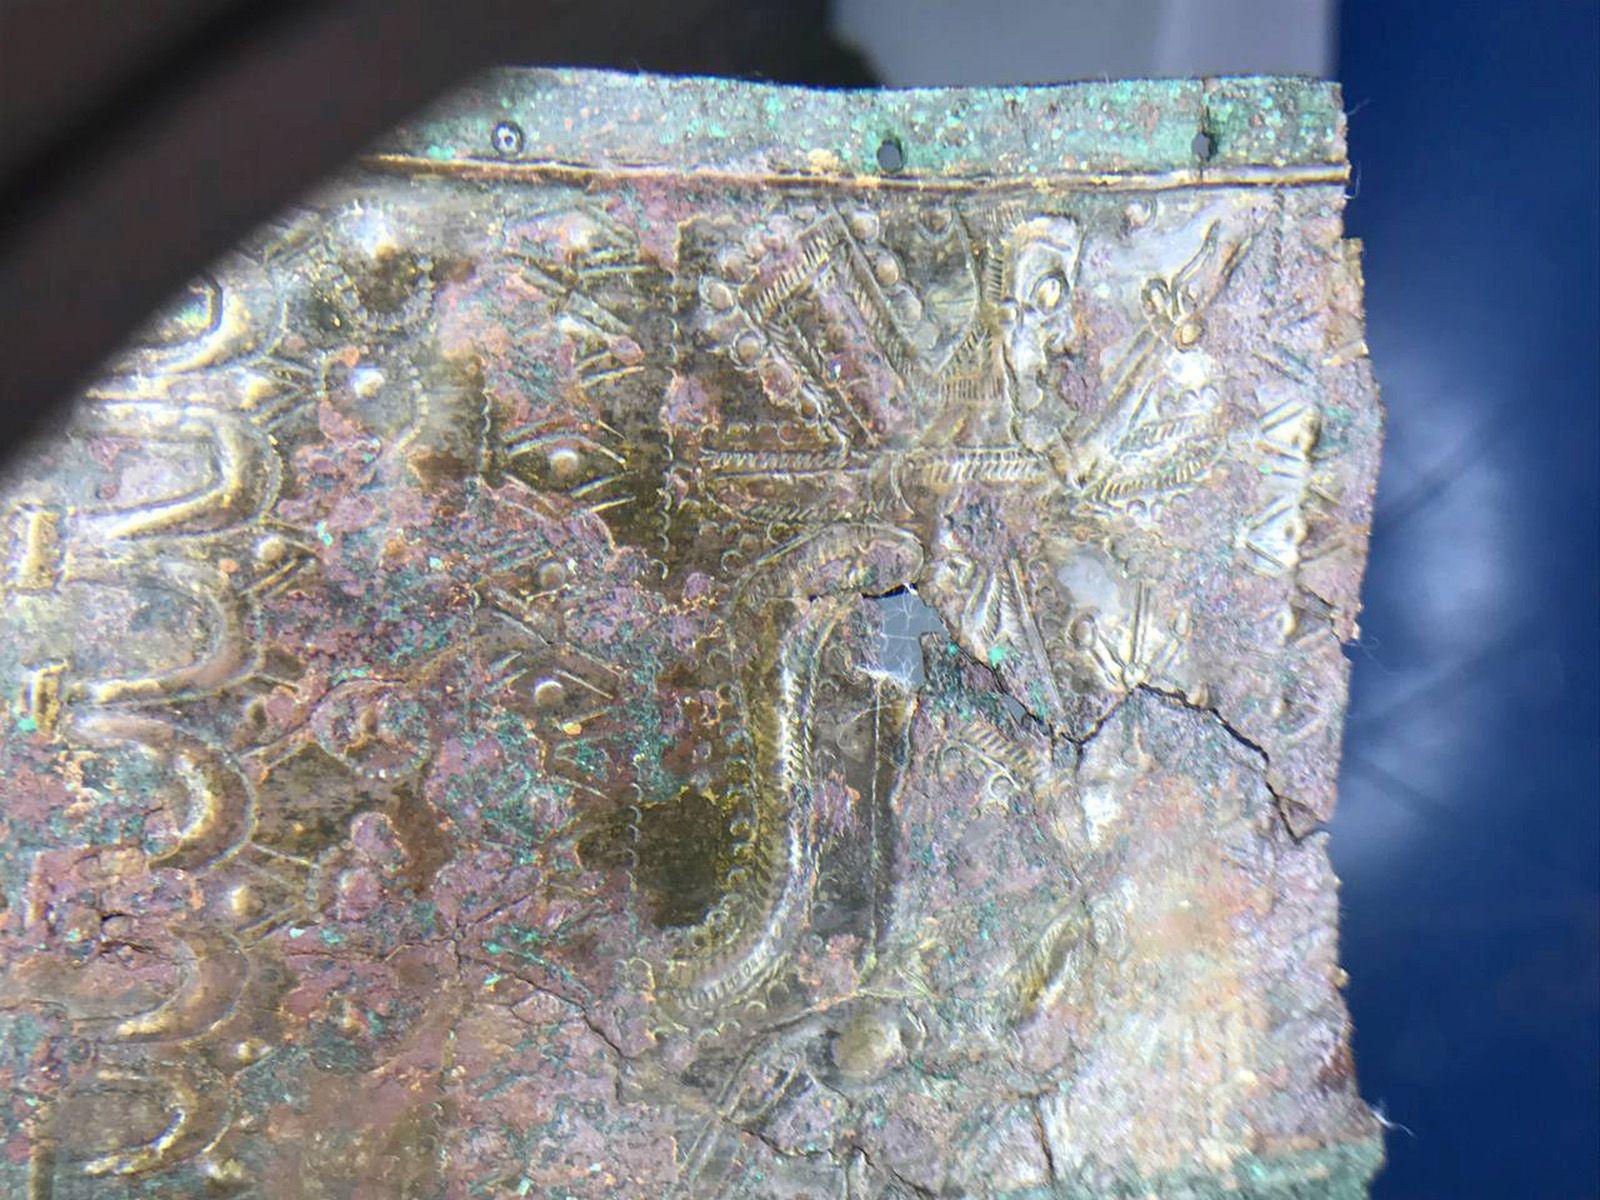 Gümüşhane'nin Keltik ilçesindeki Satala Antik Kenti'nde Urartu savaşçısının bronz kemeri bulundu - Resim: 1